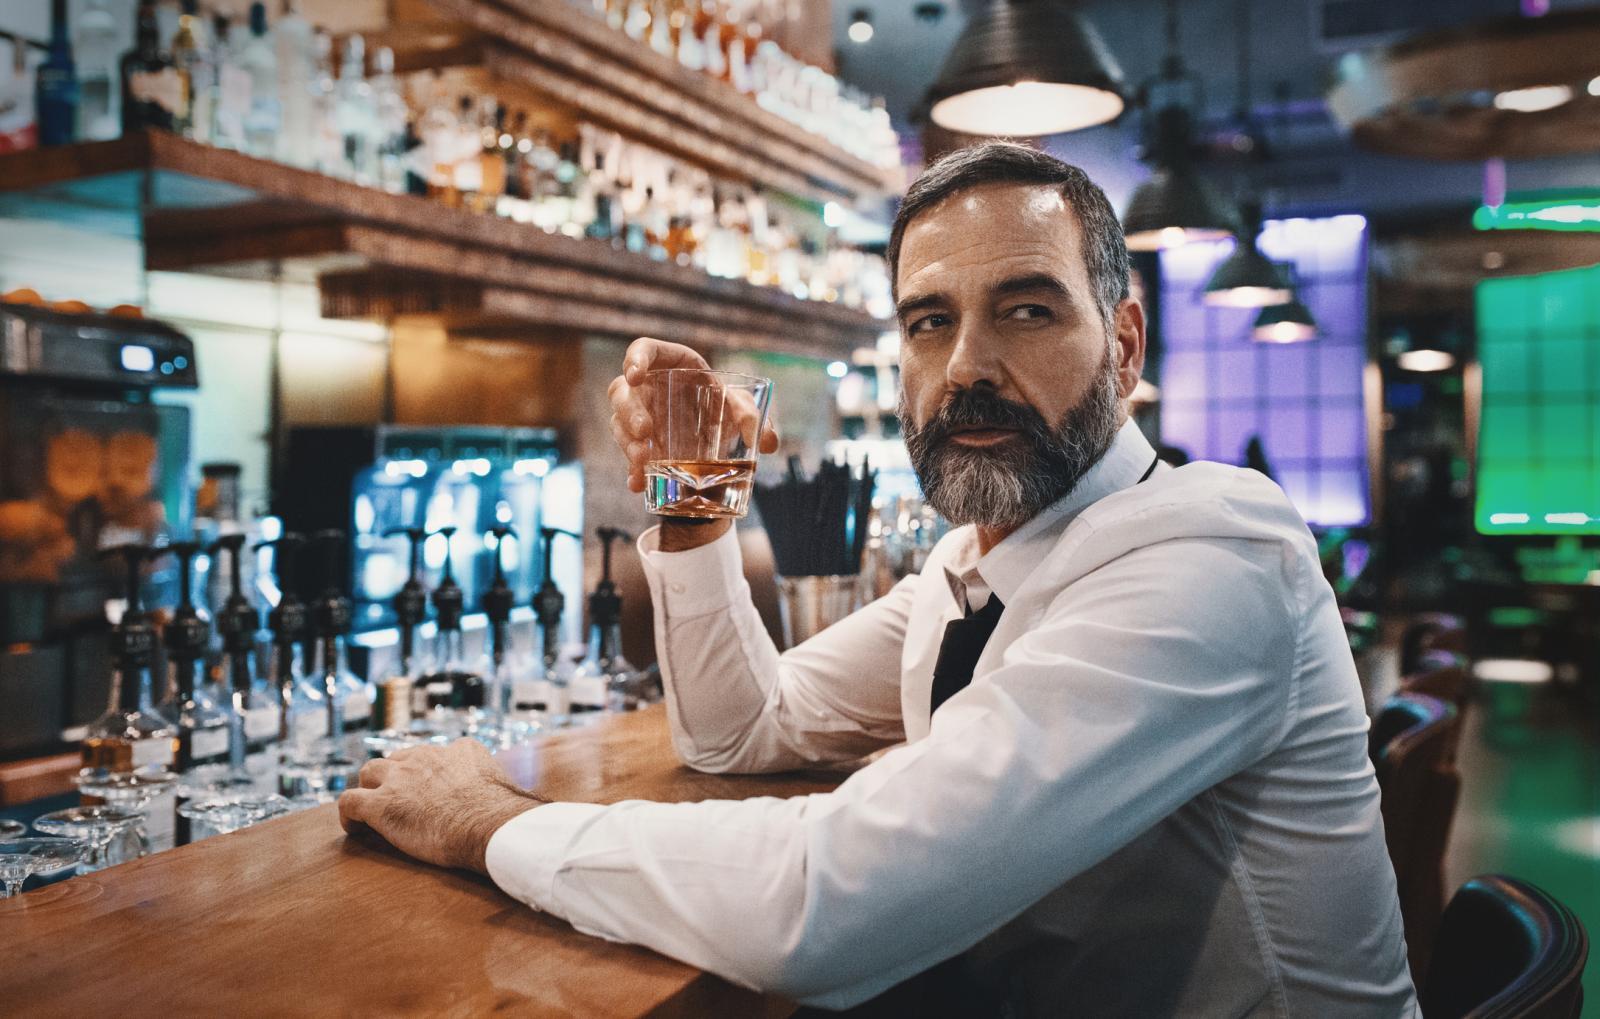 Imate li problem s alkoholom obratite se za pomoć svom liječniku.